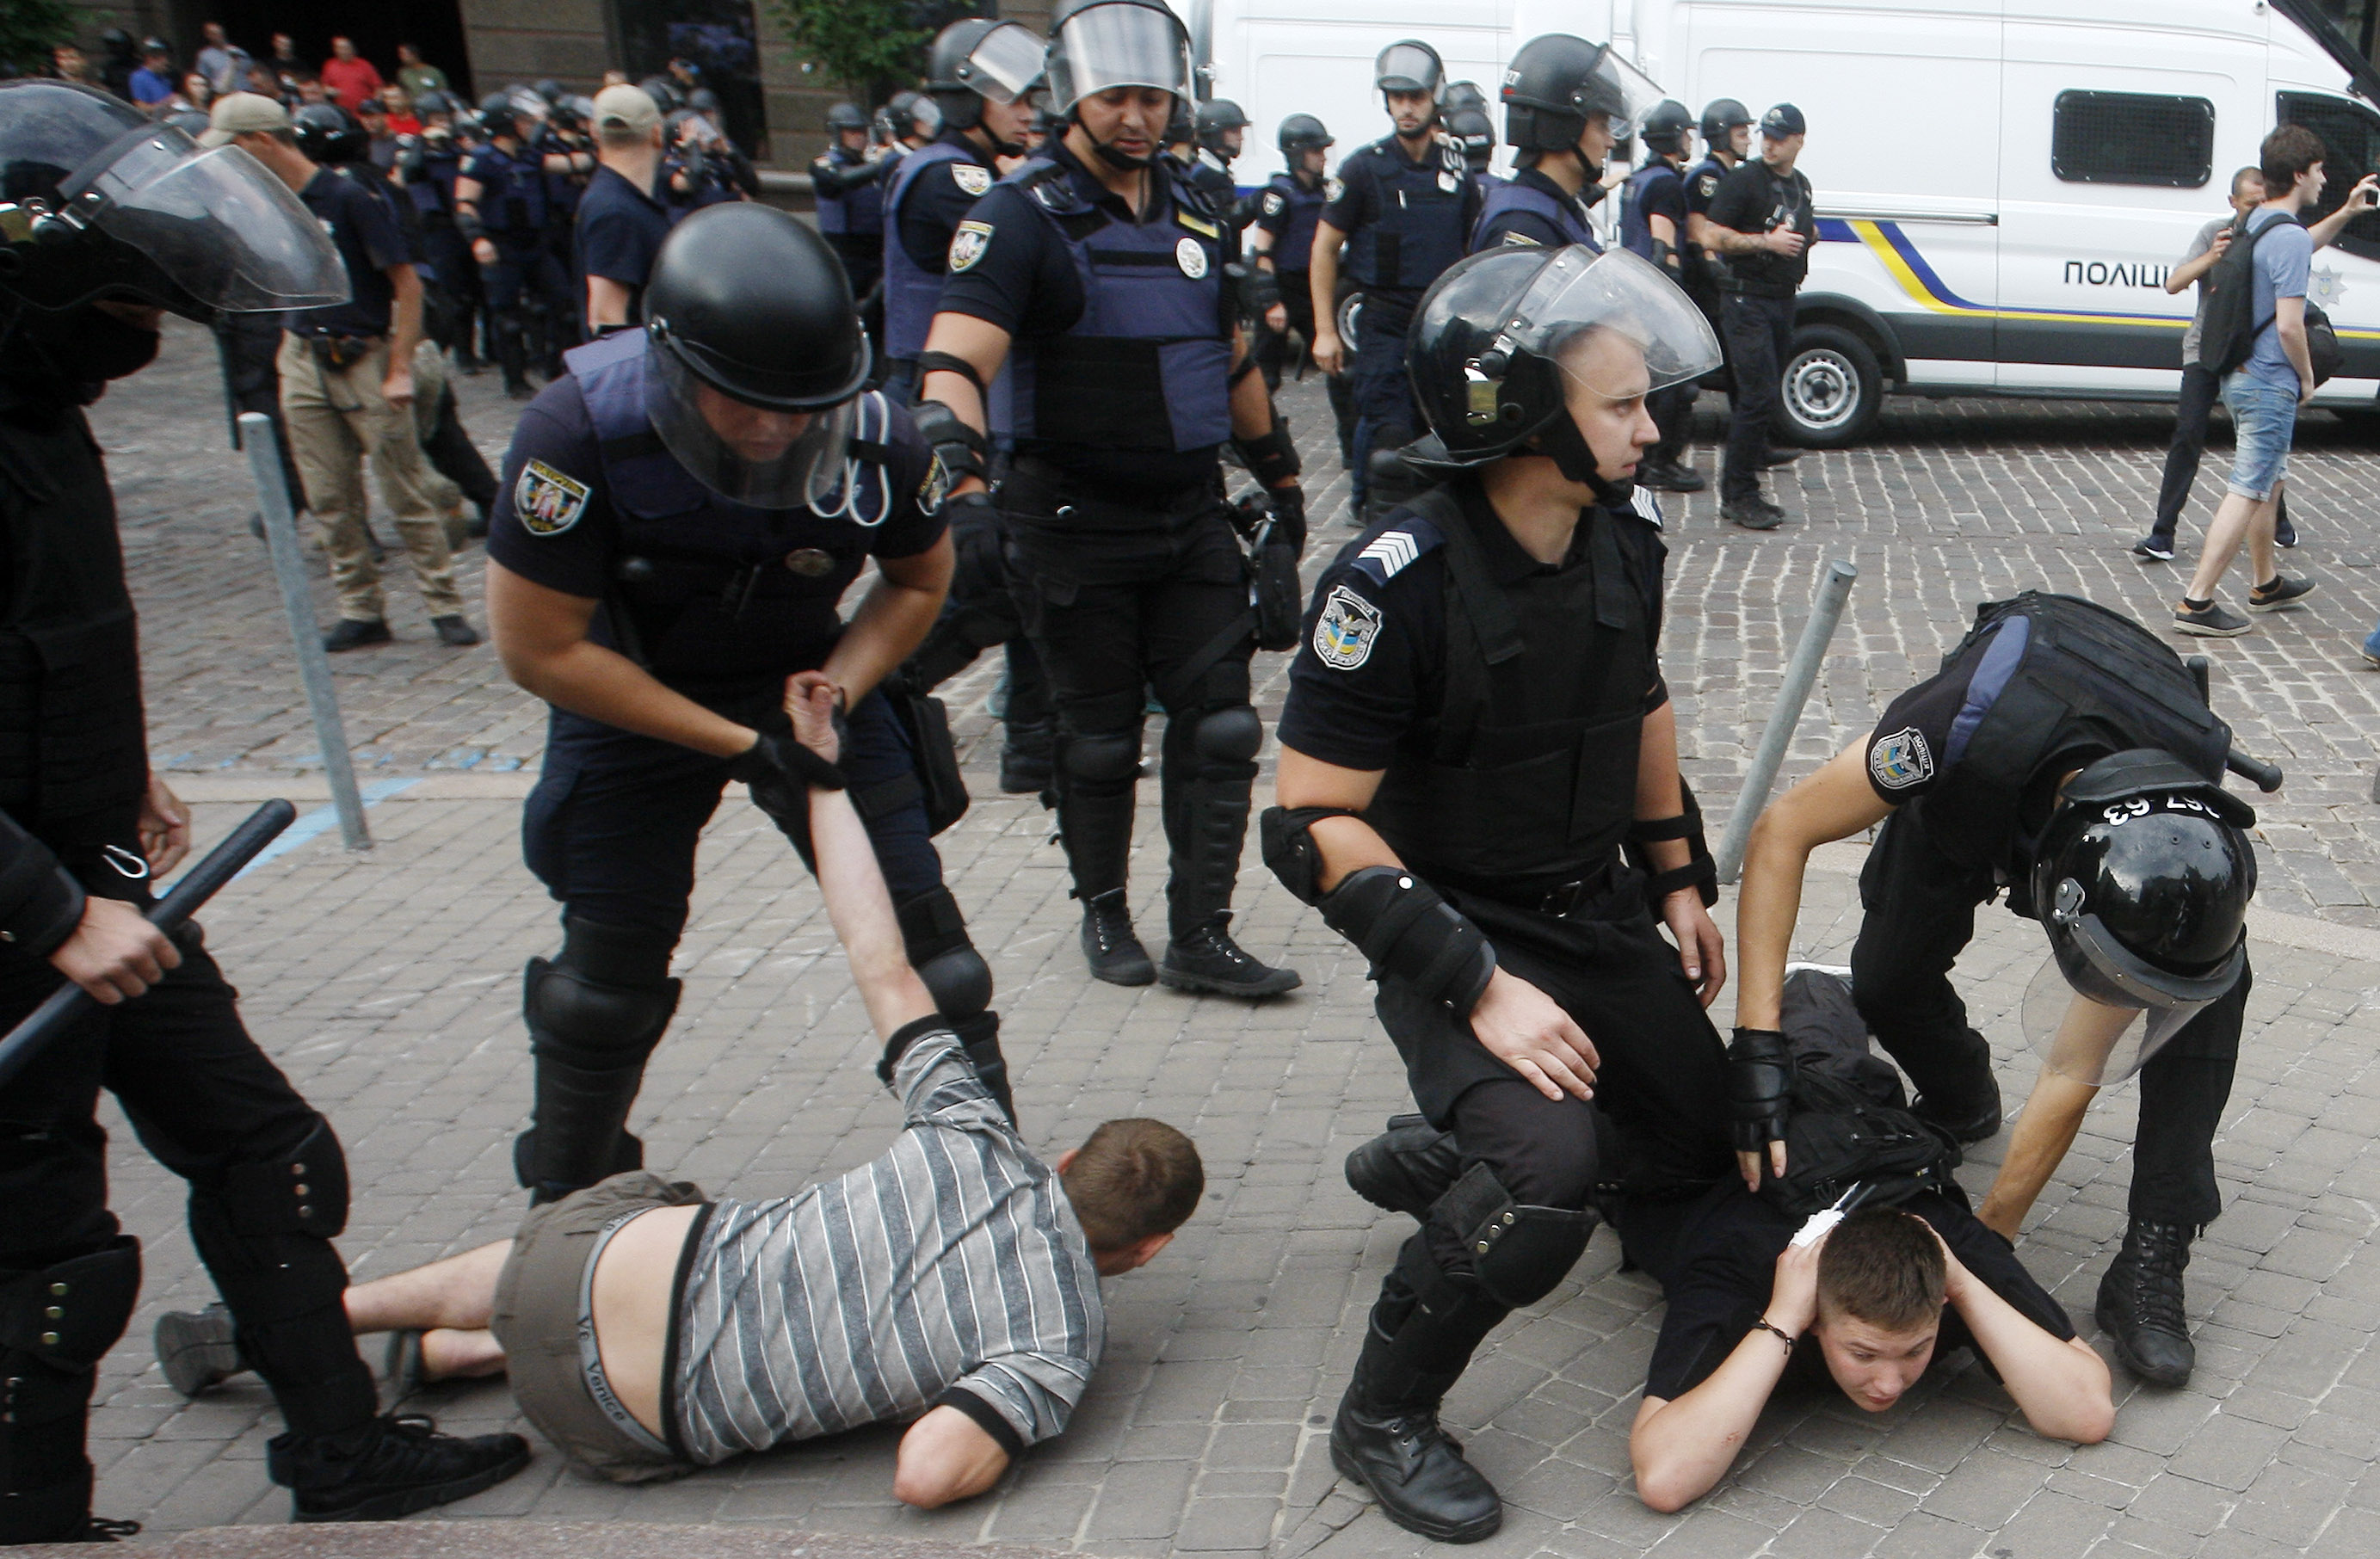 Геи полицейские